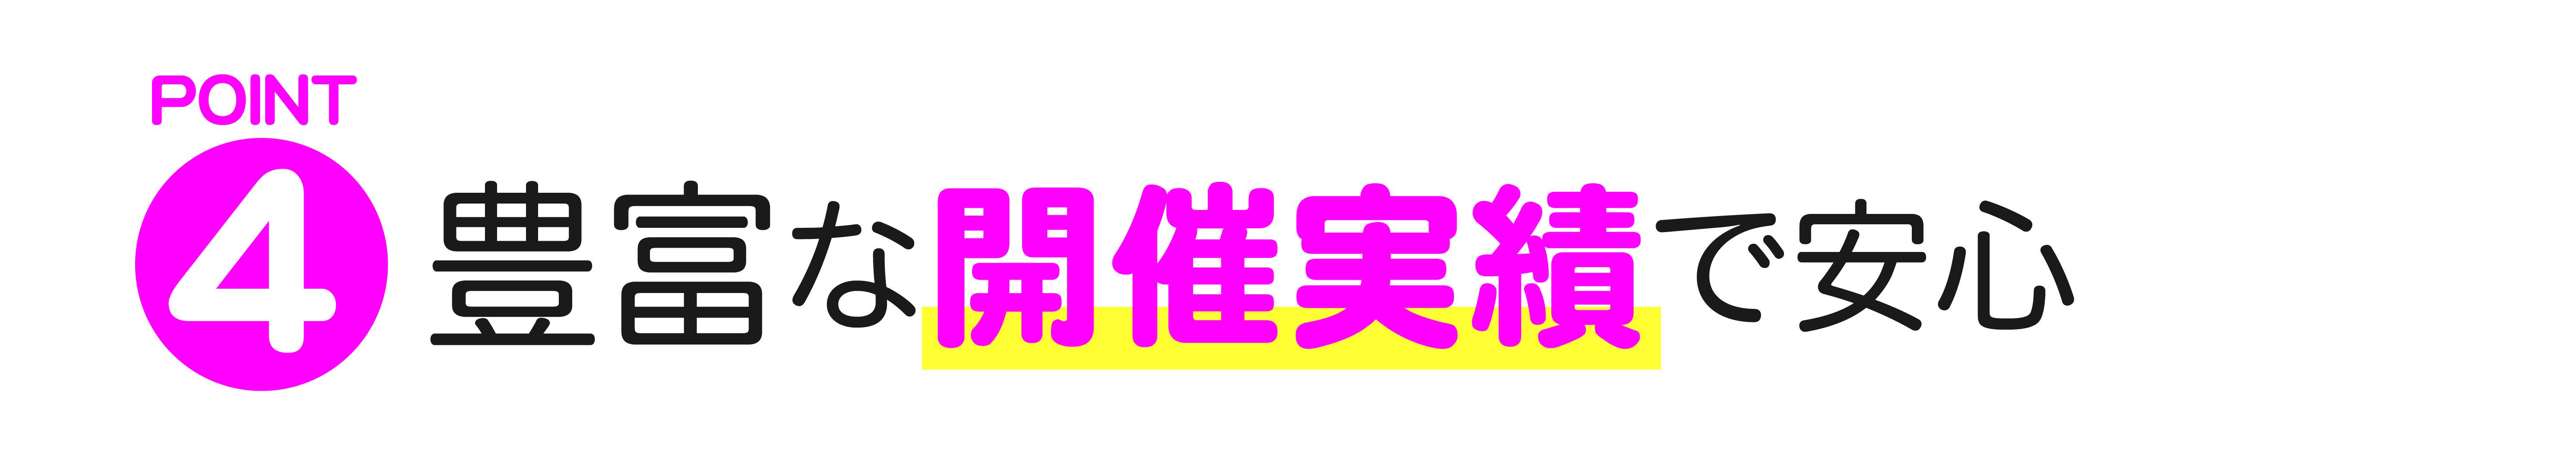 街コン広告-1-04